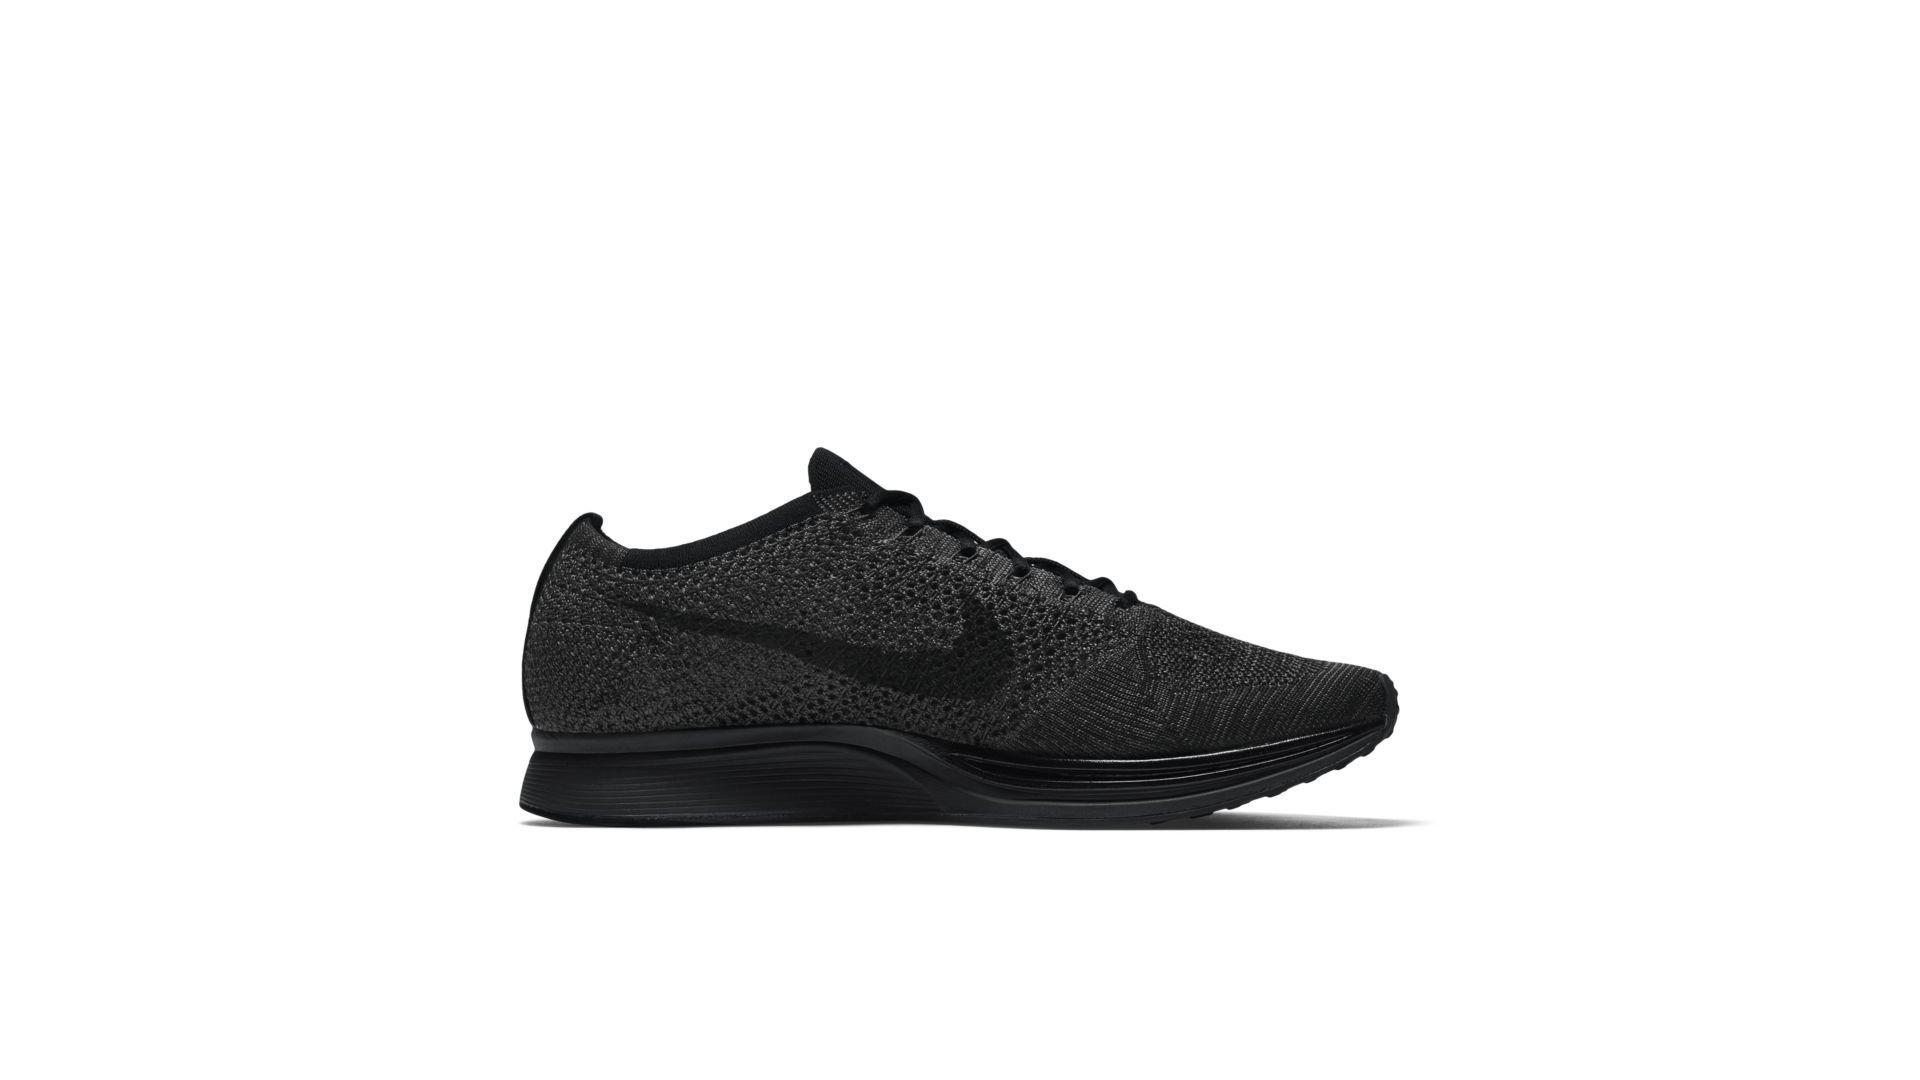 Nike Flyknit Racer 526628-009